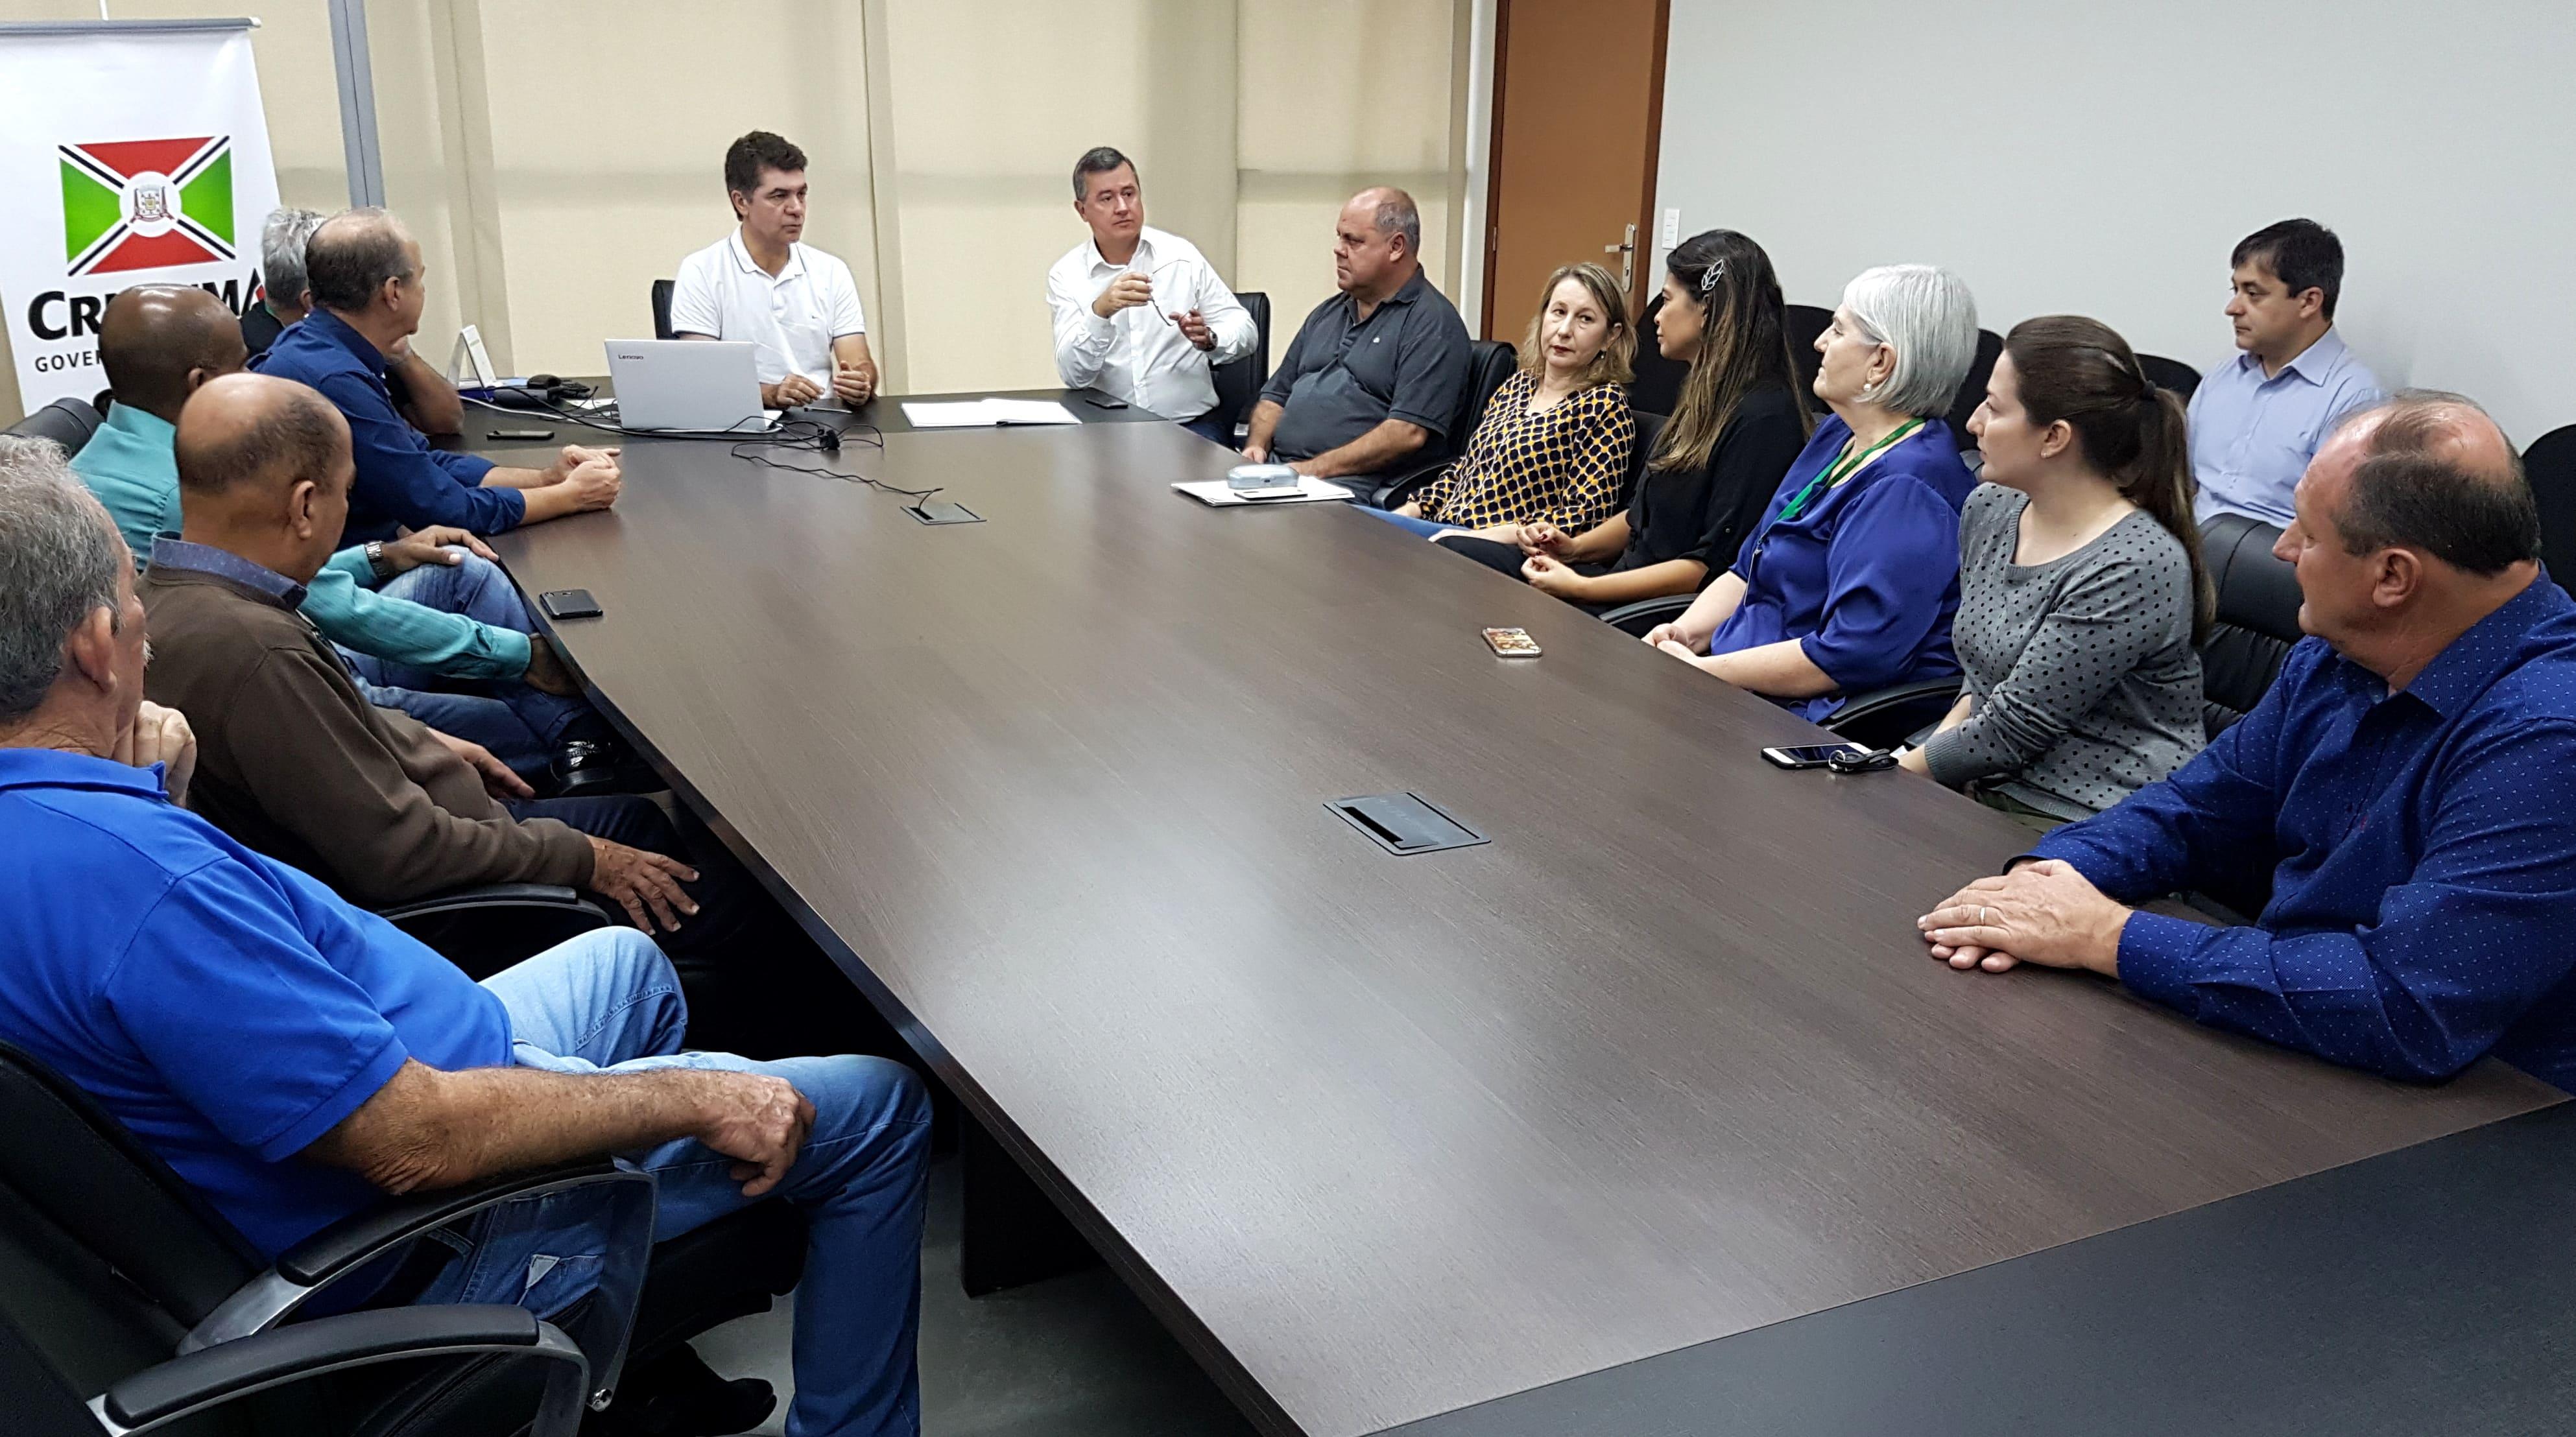 Ricardo Fabris assume Prefeitura de Criciúma até domingo